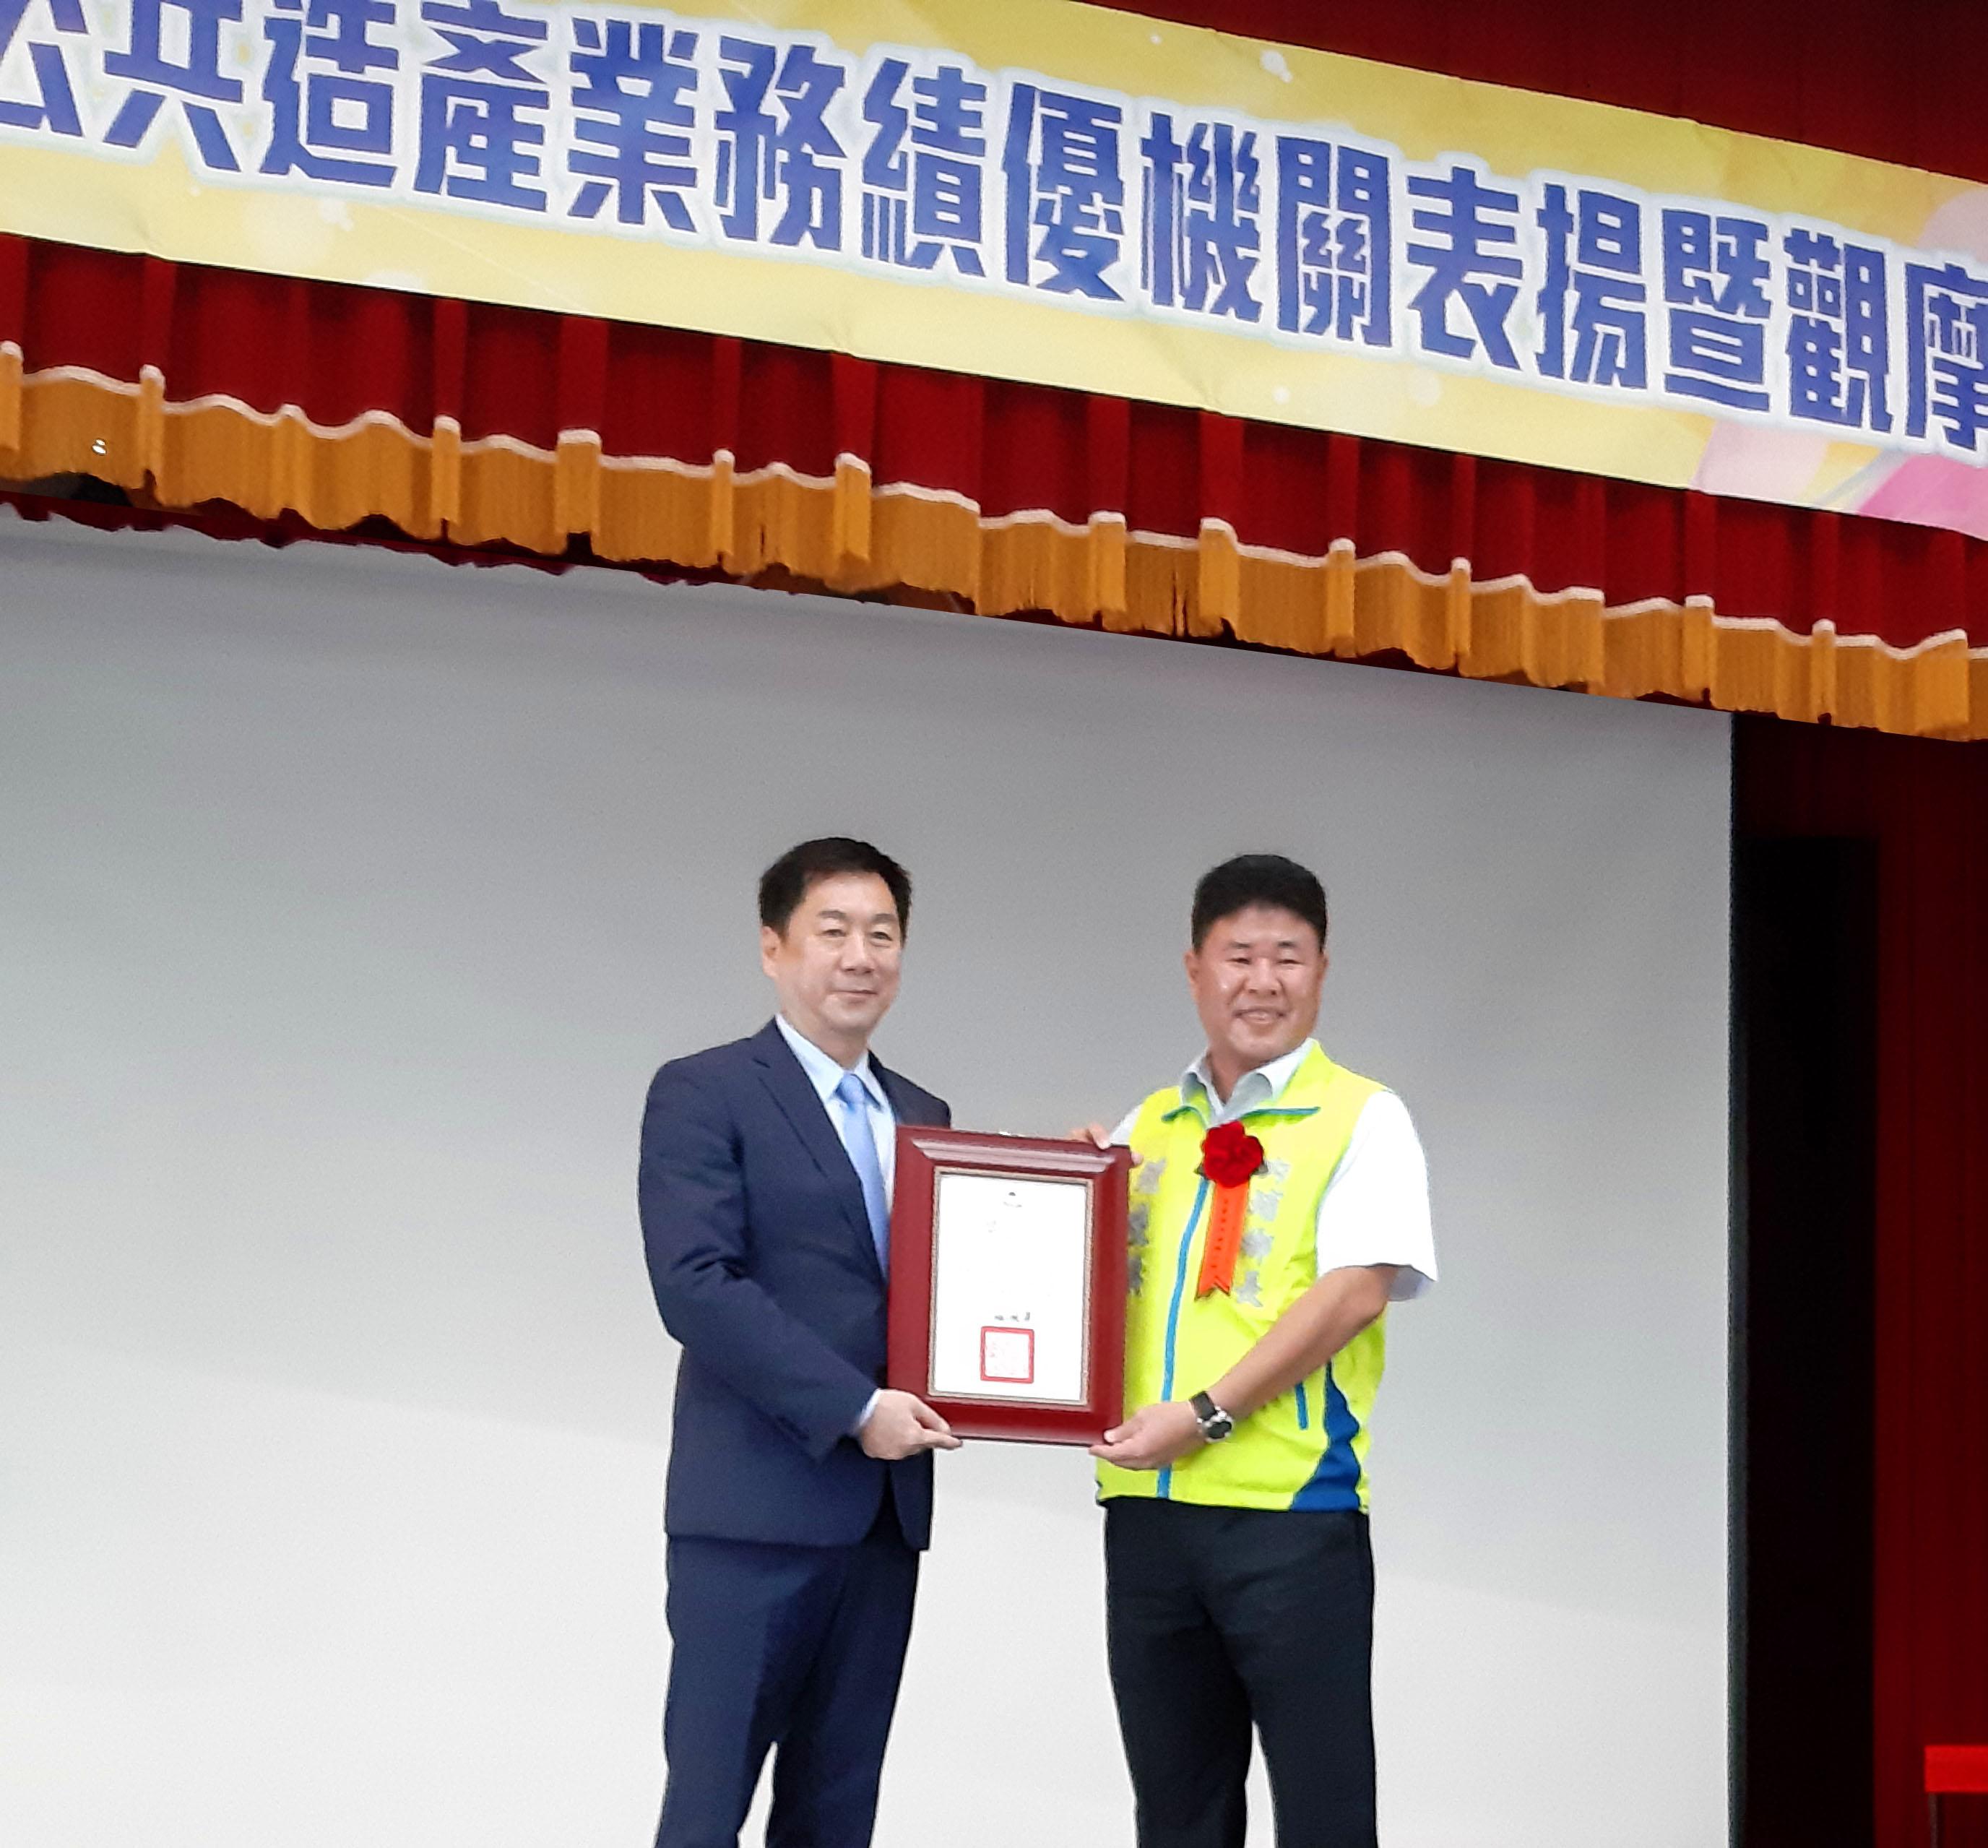 陳宗彥次長與獲獎地方政府代表合影